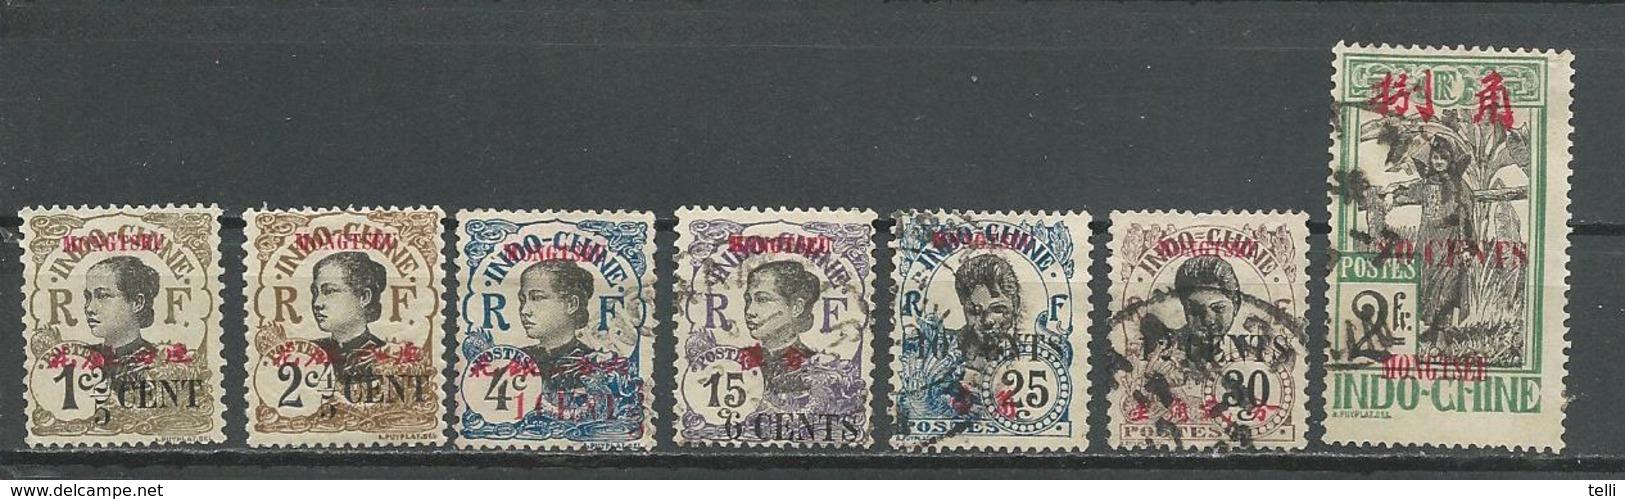 MONG TZEU Scott 51-53, 56, 58,59, 66 Yvert 51-53, 56, 58,59, 65 (7) * Et O 28,00 $ 1919 - Mong-tzeu (1906-1922)